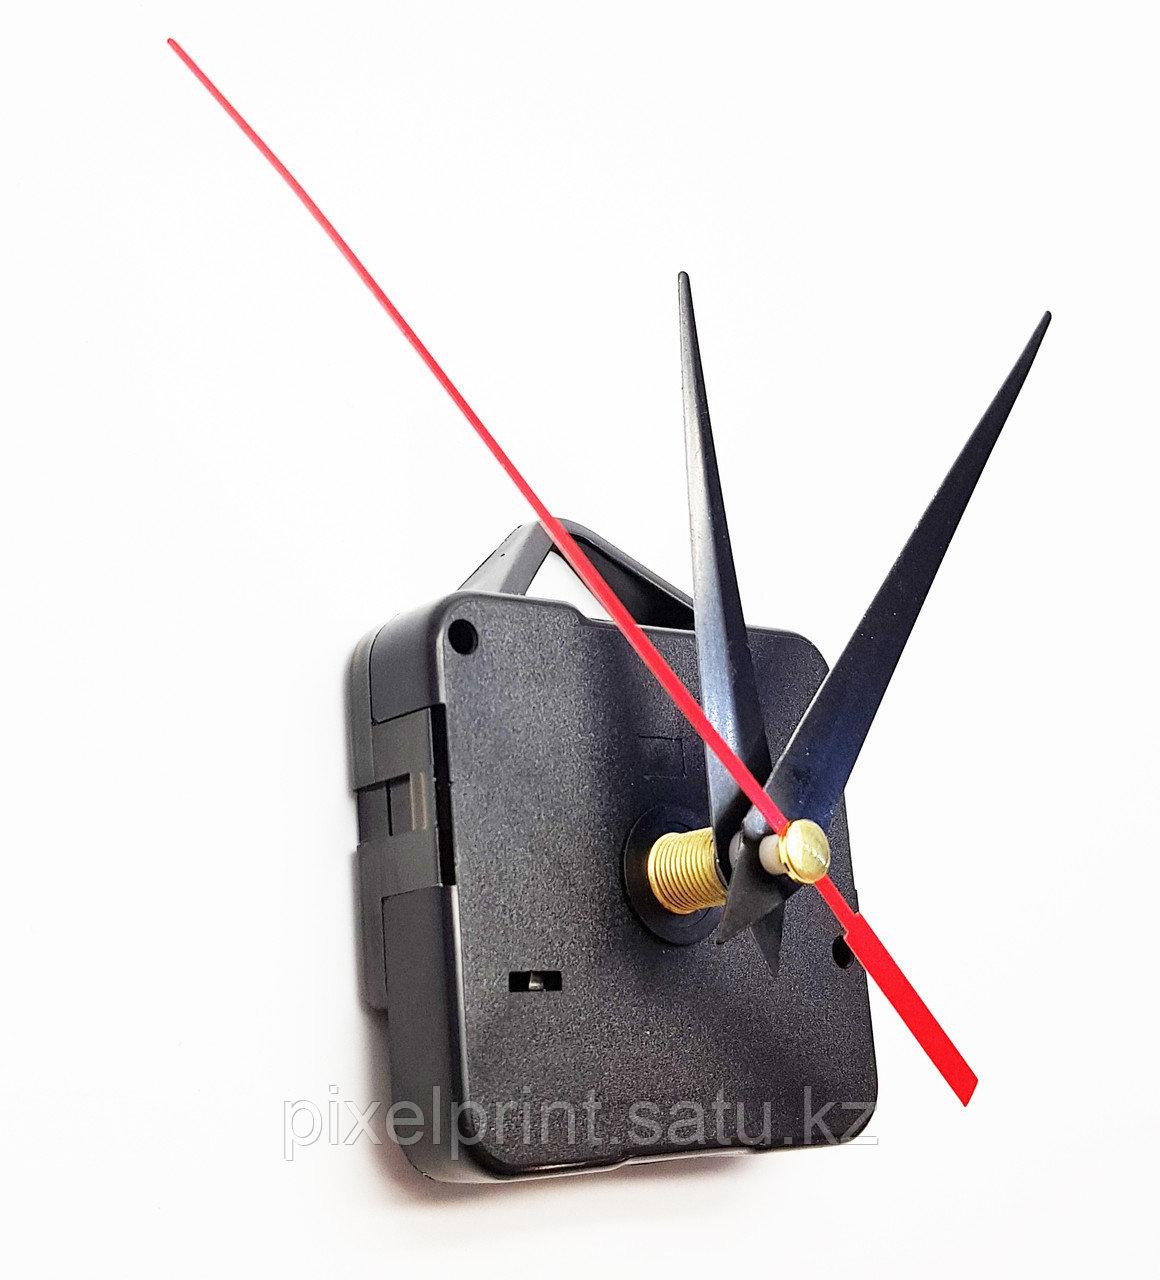 Часовой механизм со стрелками для настенных часов